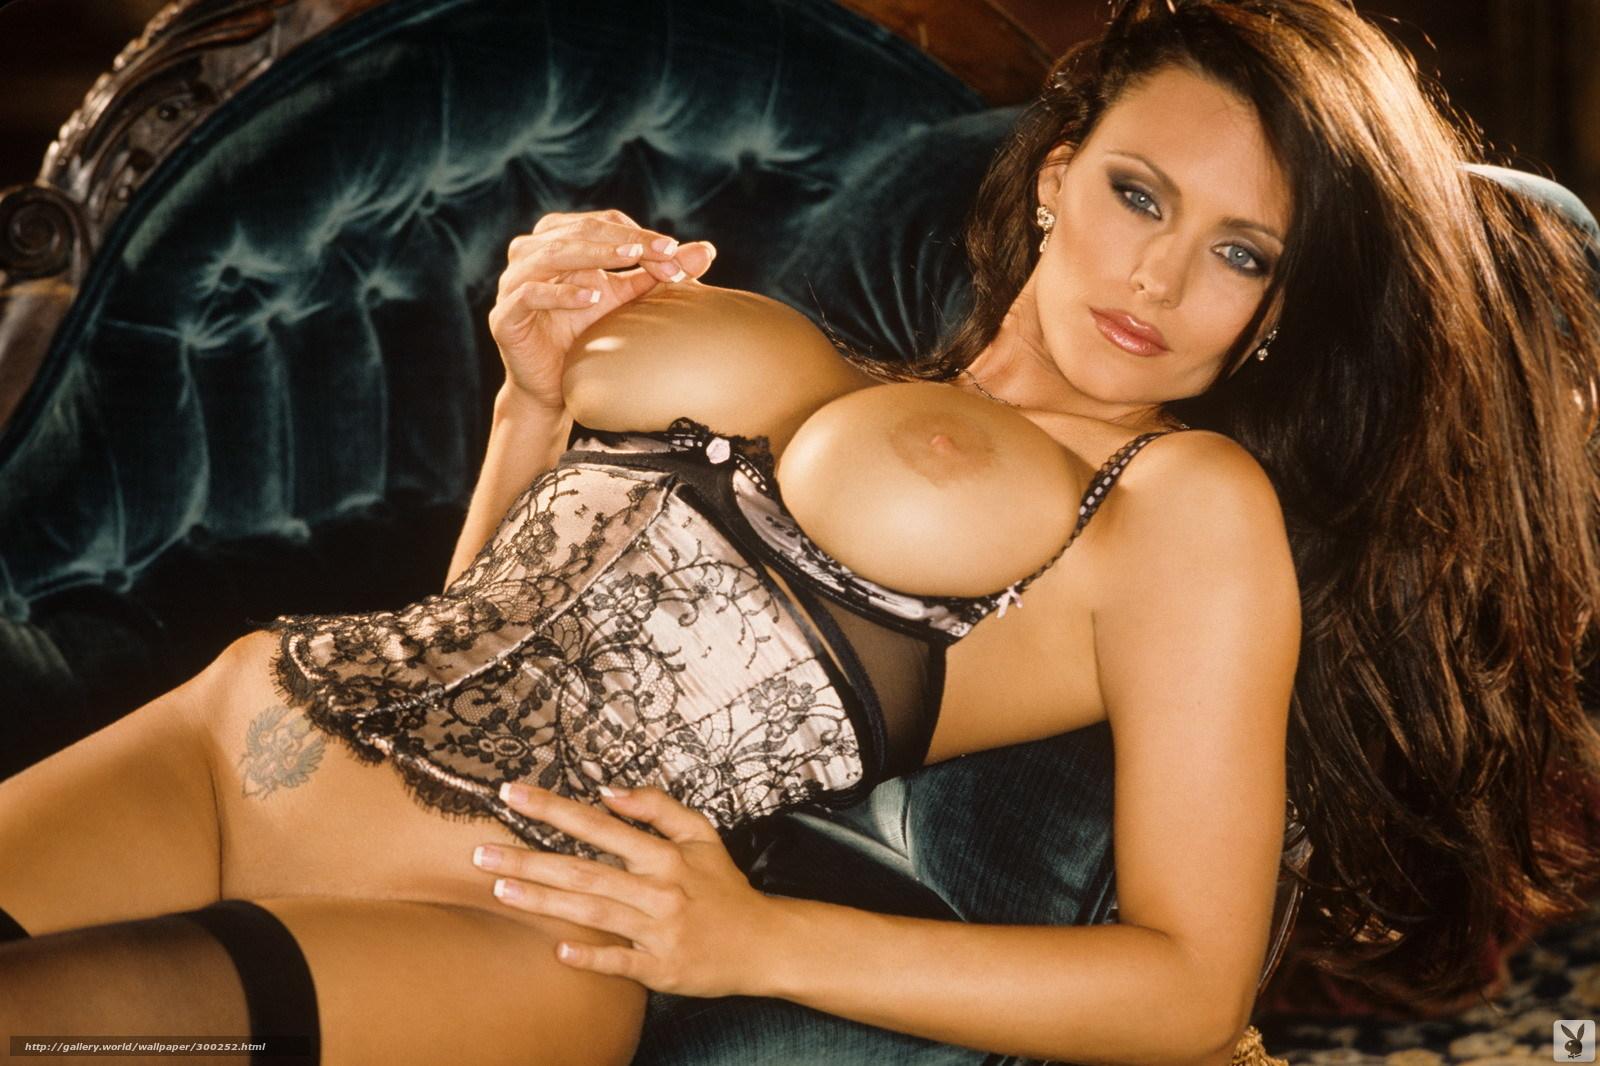 Aliyan sex photos hd fucking image